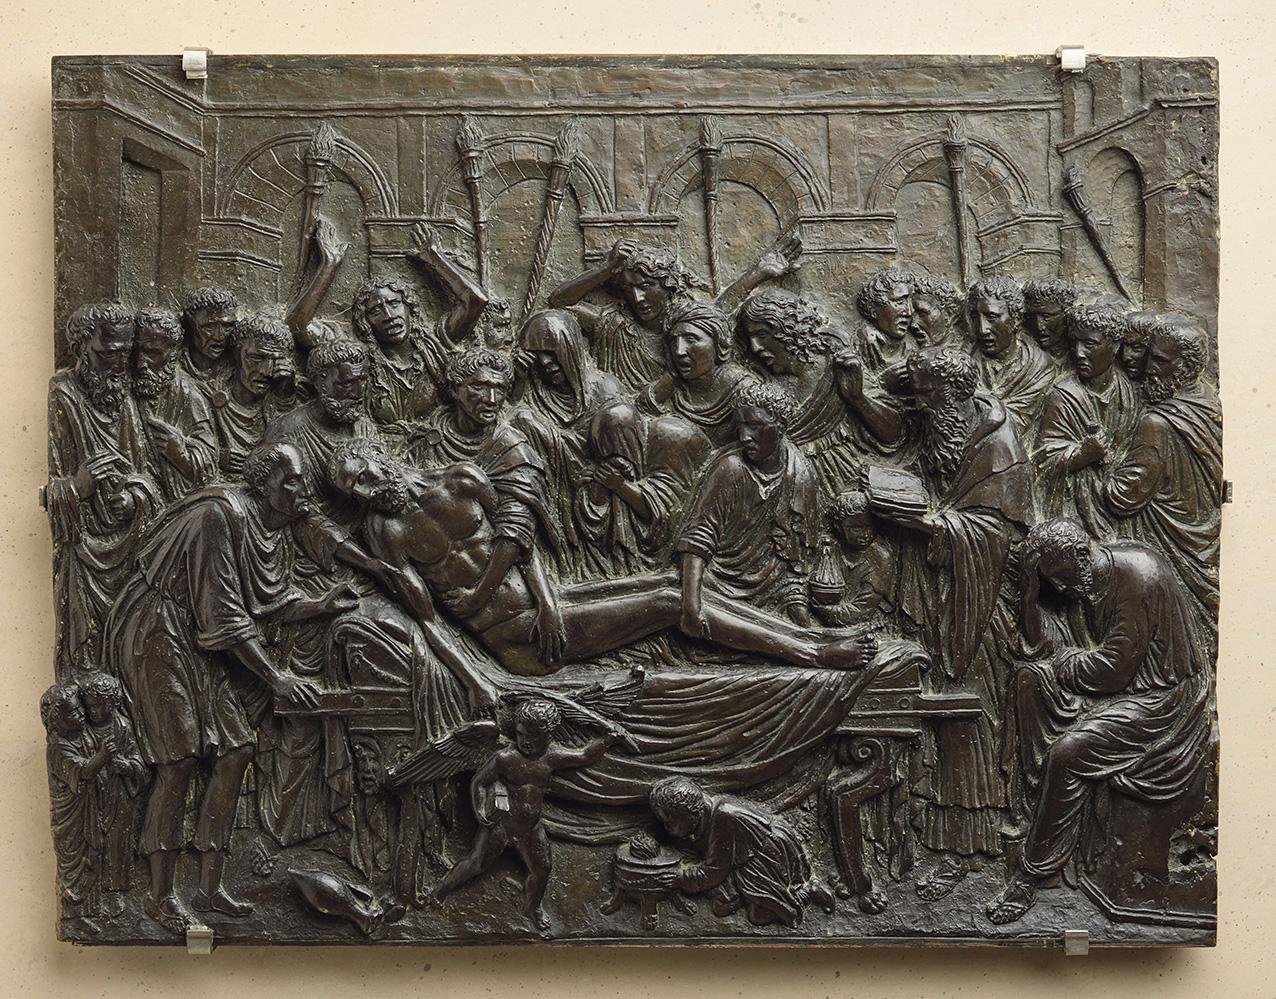 Andrea Briosco, aka Riccio (1470-1532), Death, c. 1515, bronze, 37 x 49 cm/14.5 x 19.3 in, Paris, Musée du Louvre.© RMN-Grand Palais (Louv